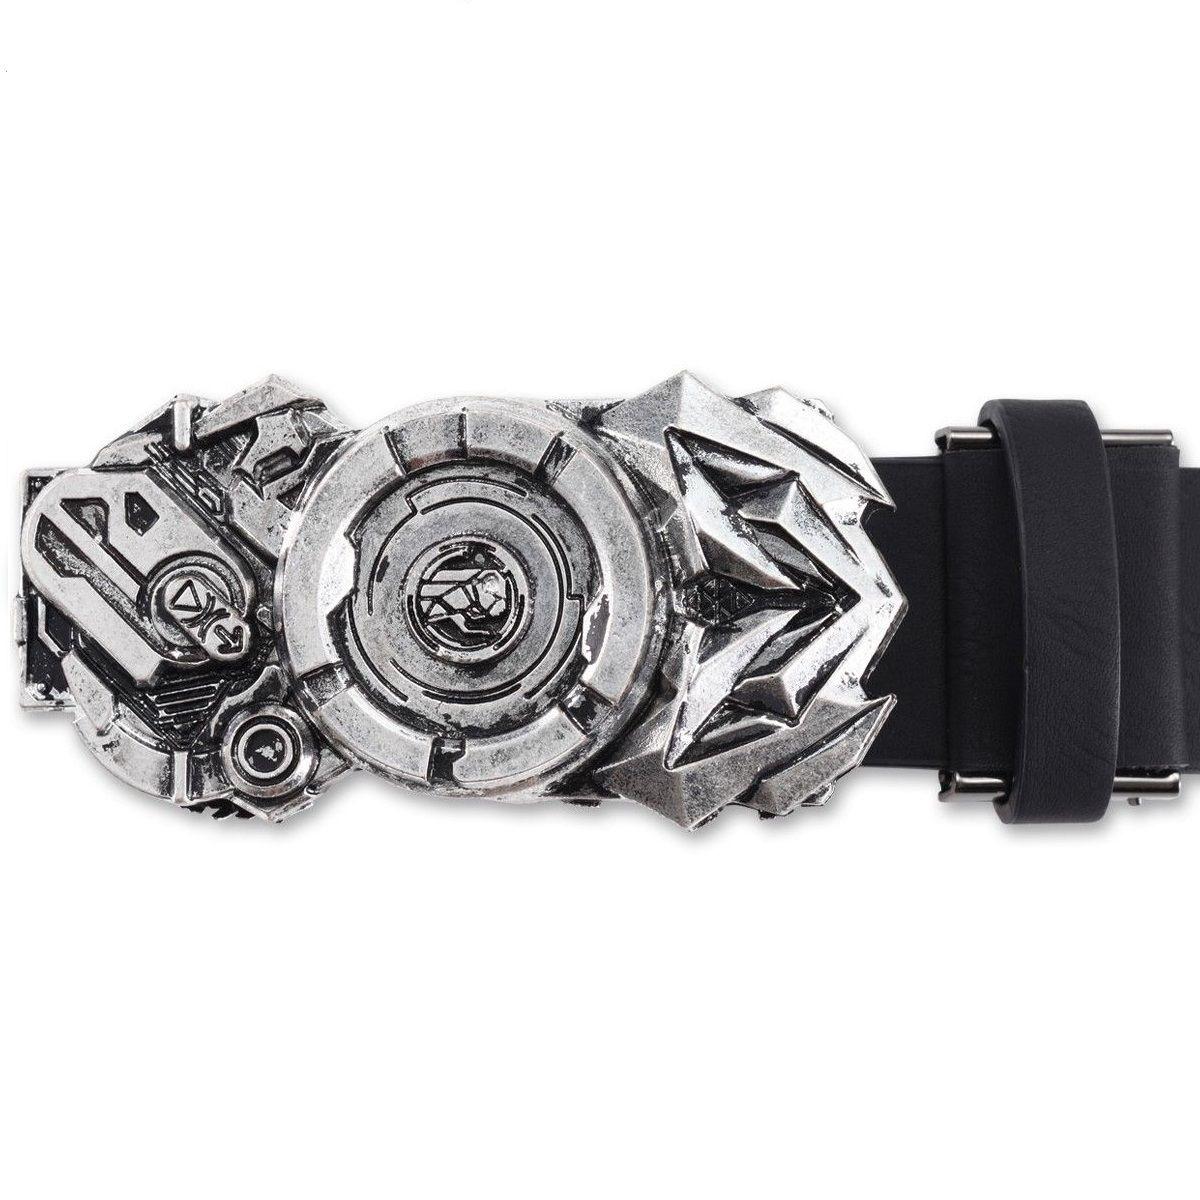 Kamen Rider Zero-One Casual-Style Transformation Belt